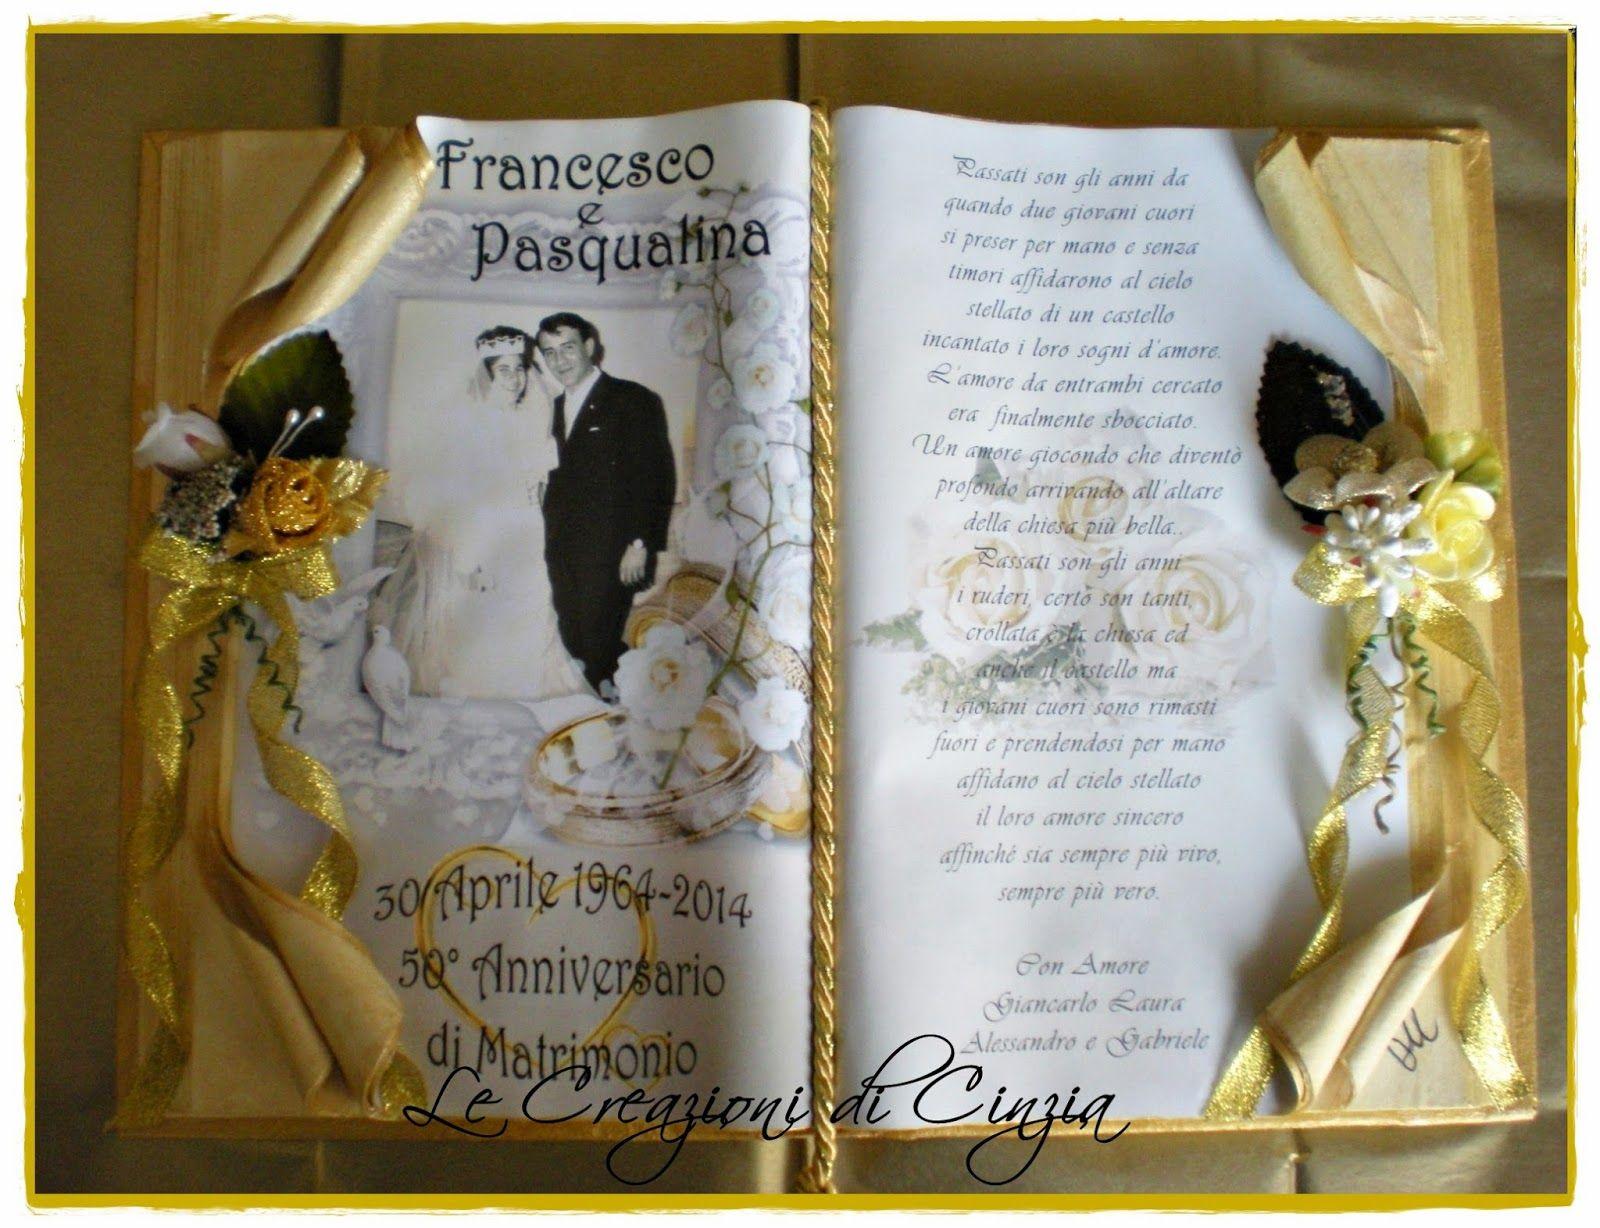 Anniversario Di Matrimonio Torino.Le Mie Creazioni Nozze D Oro A Torino Nozze D Oro Nozze E